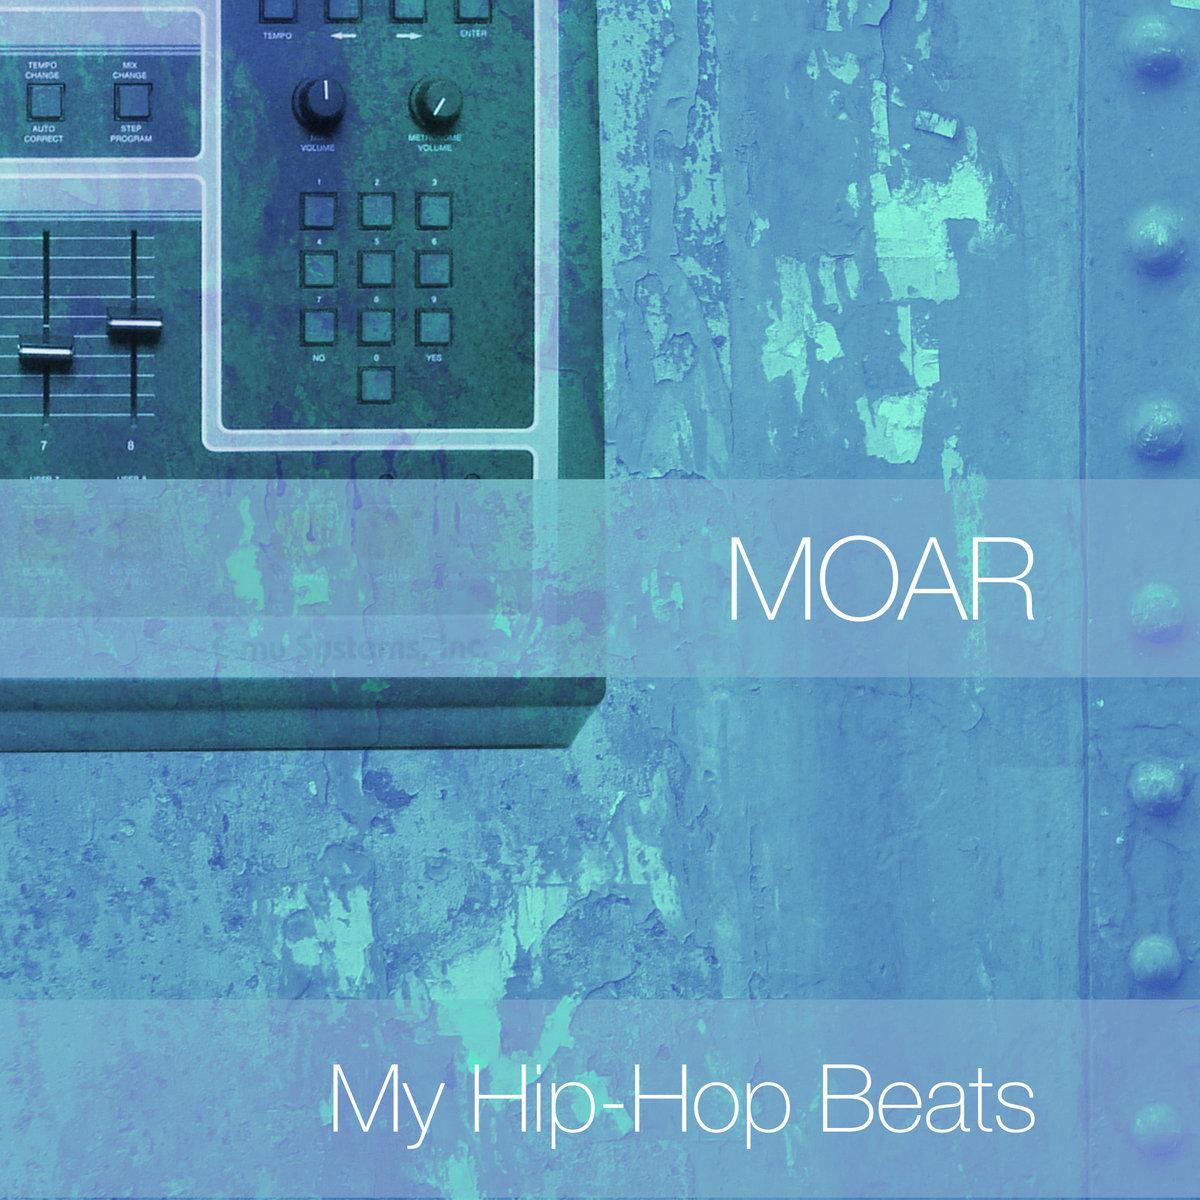 My Hip-Hop Beats | Trad Vibe Records